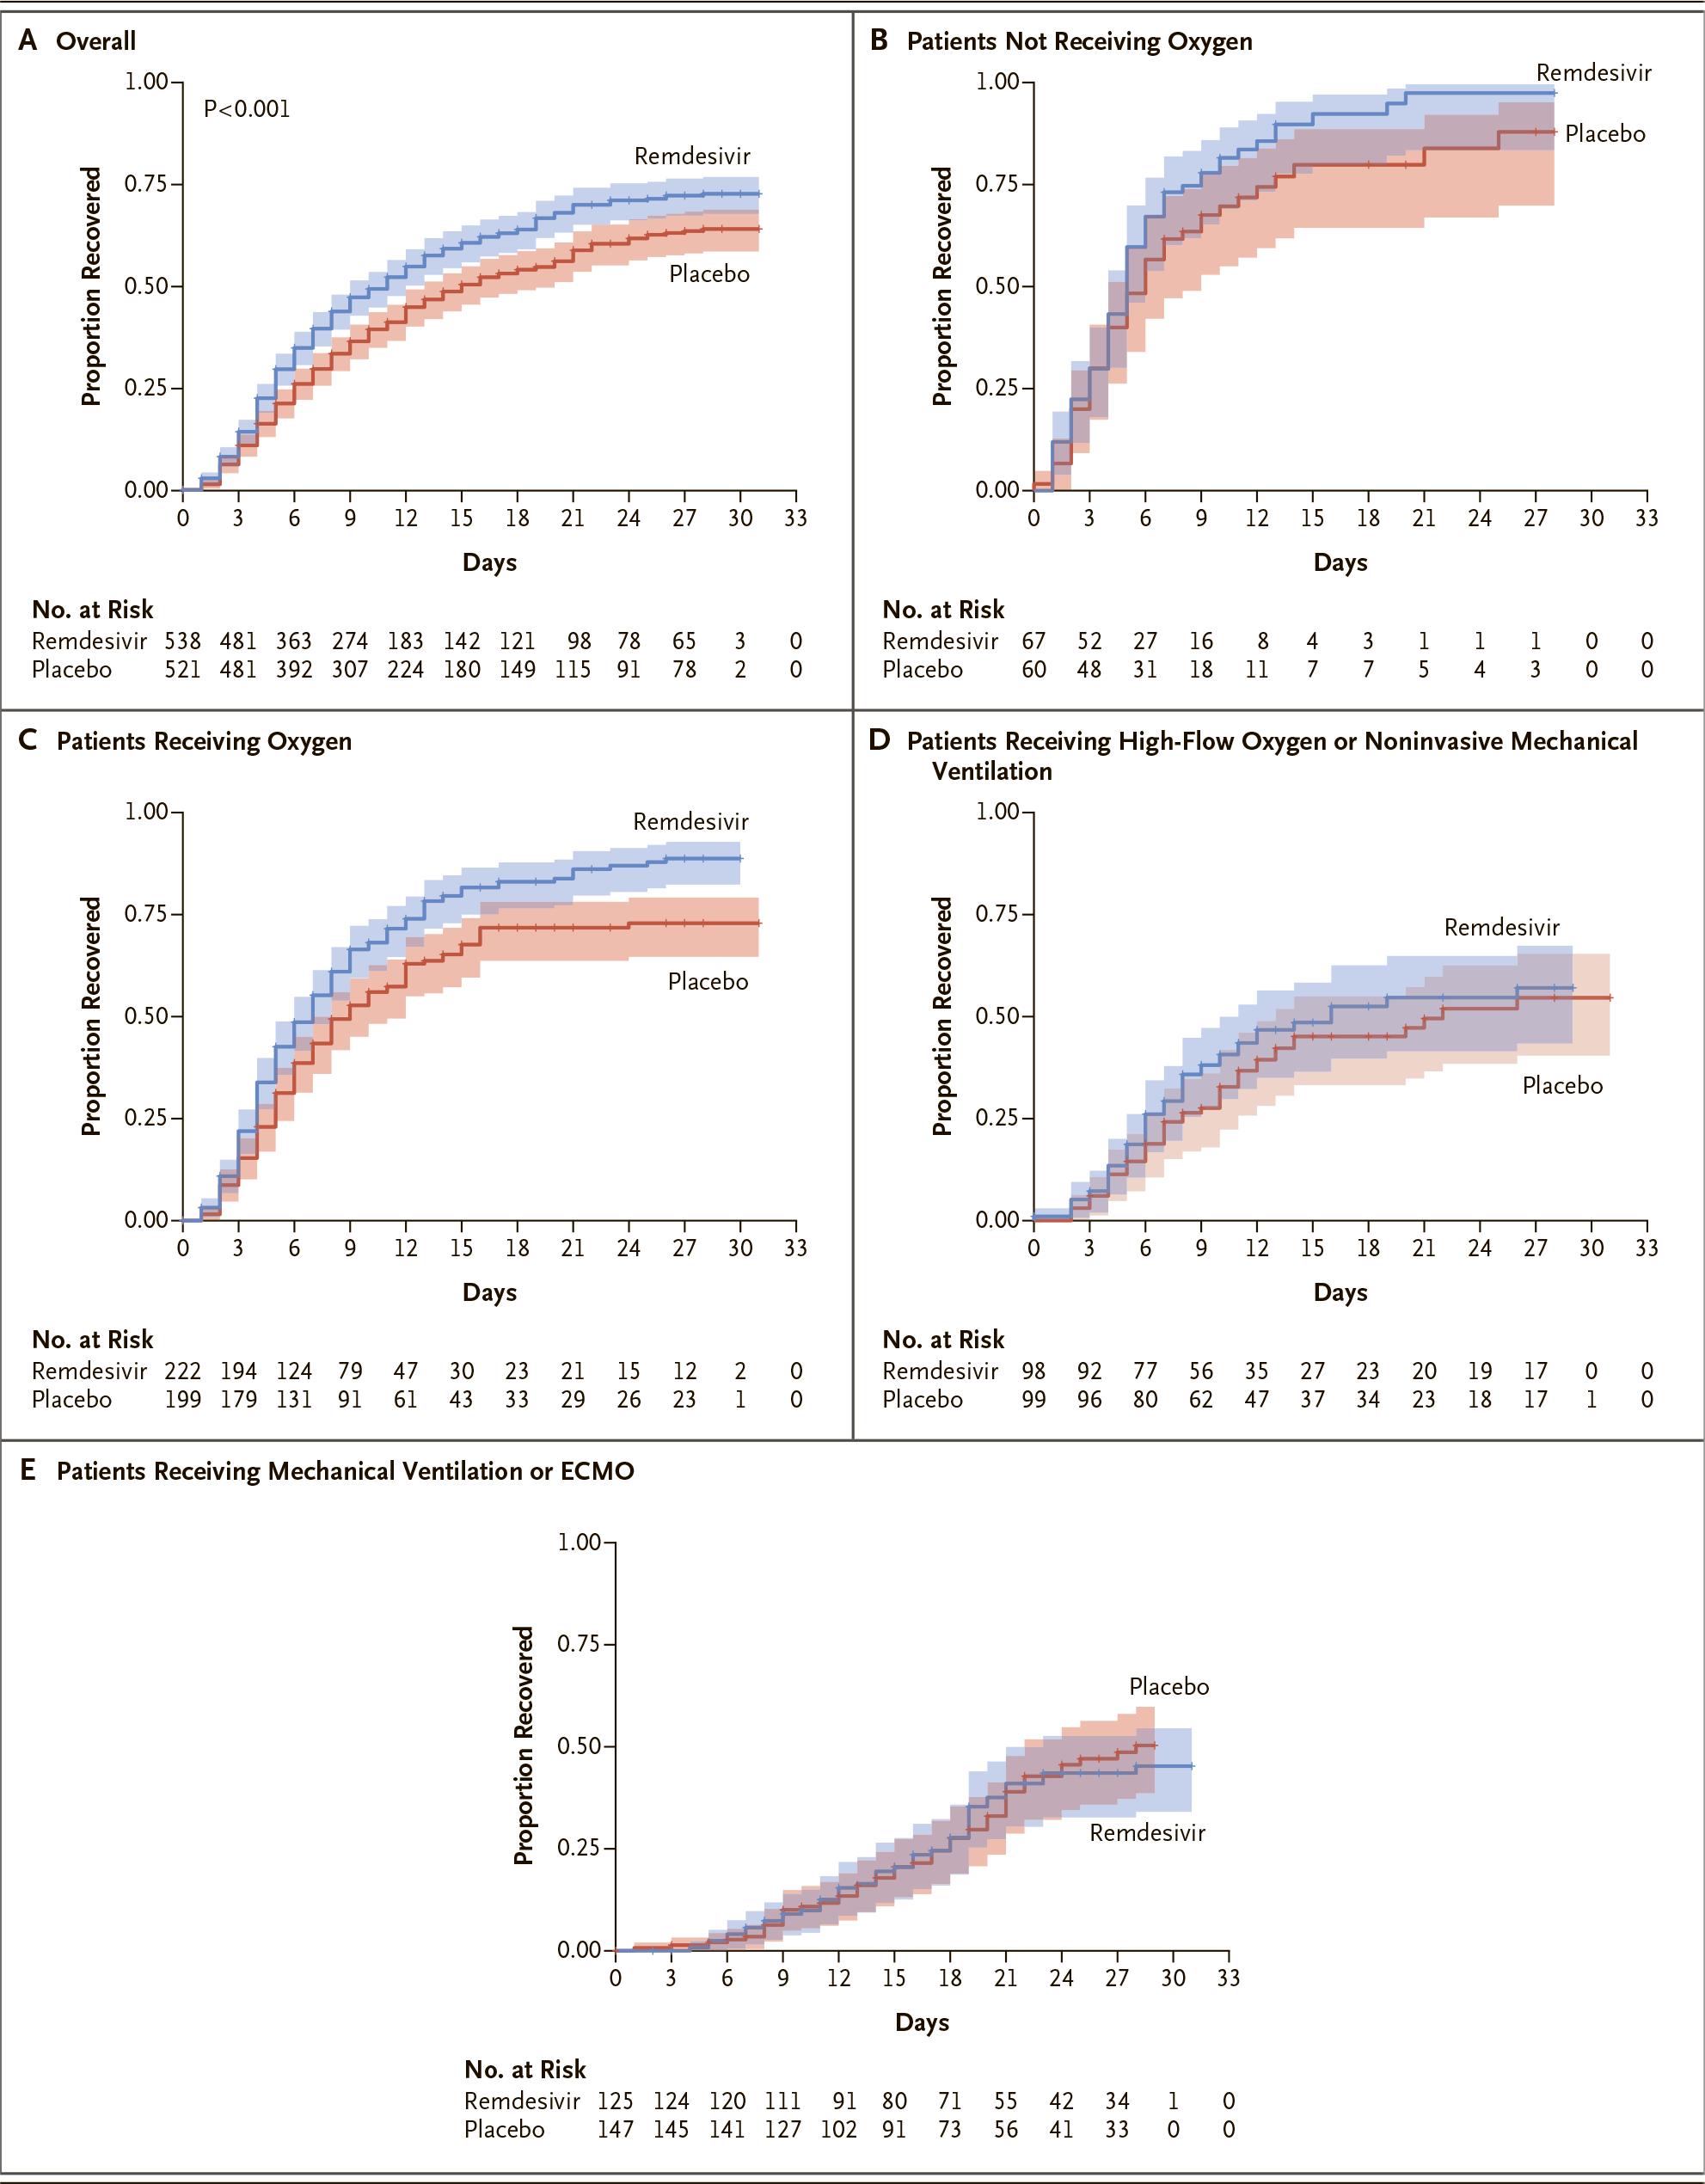 nct04280705 results 05 - Коронавирус. Лекарства. Ремдесивир ускорил выздоровление на треть